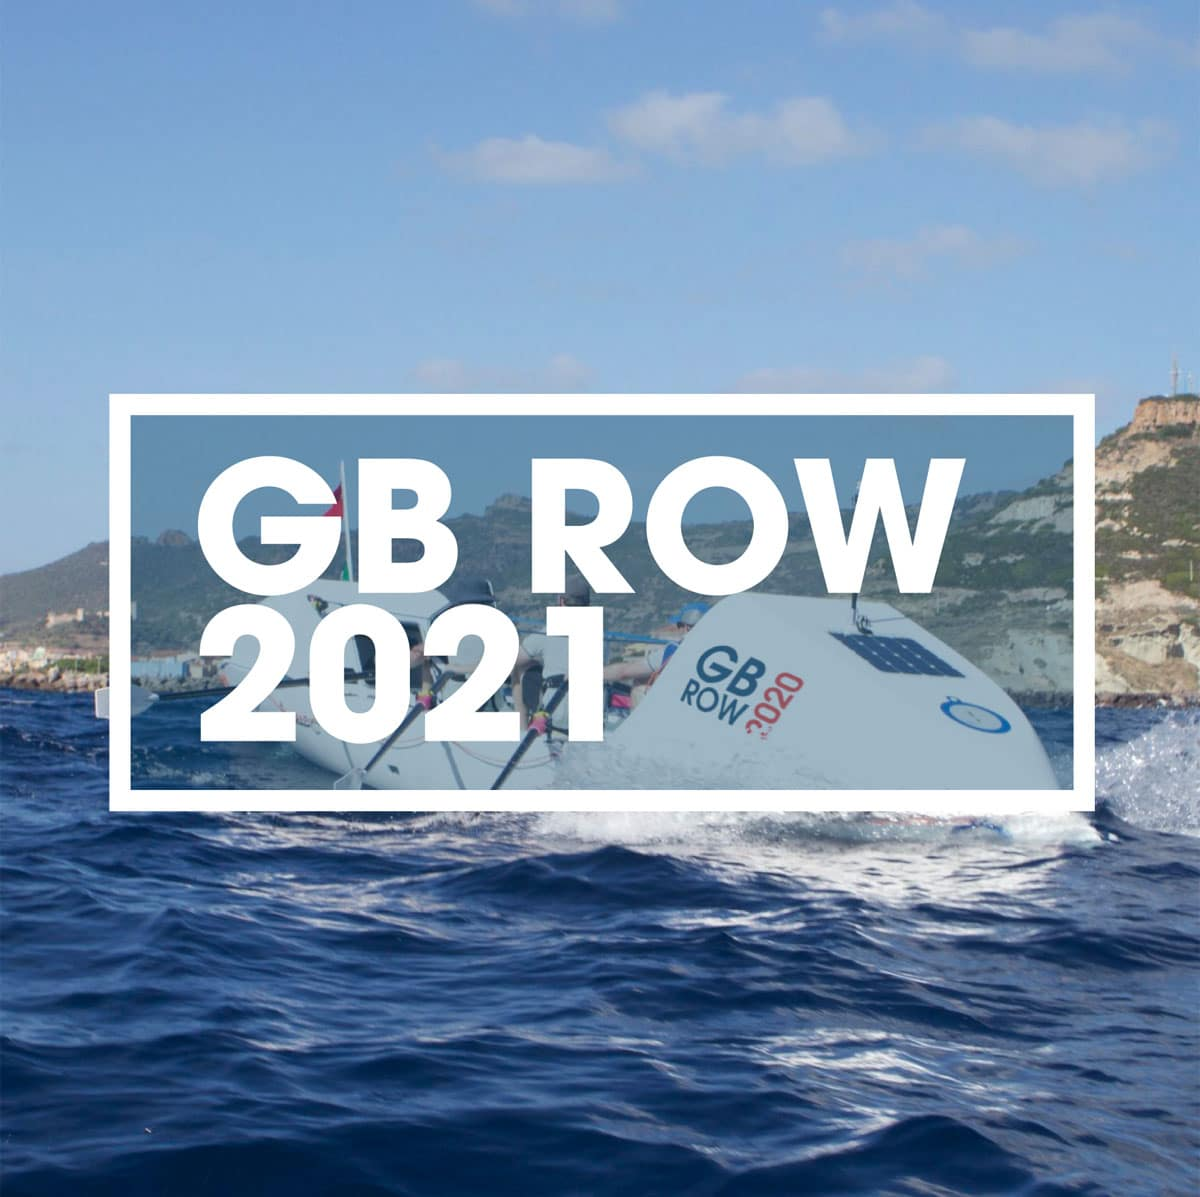 GBROW_2021